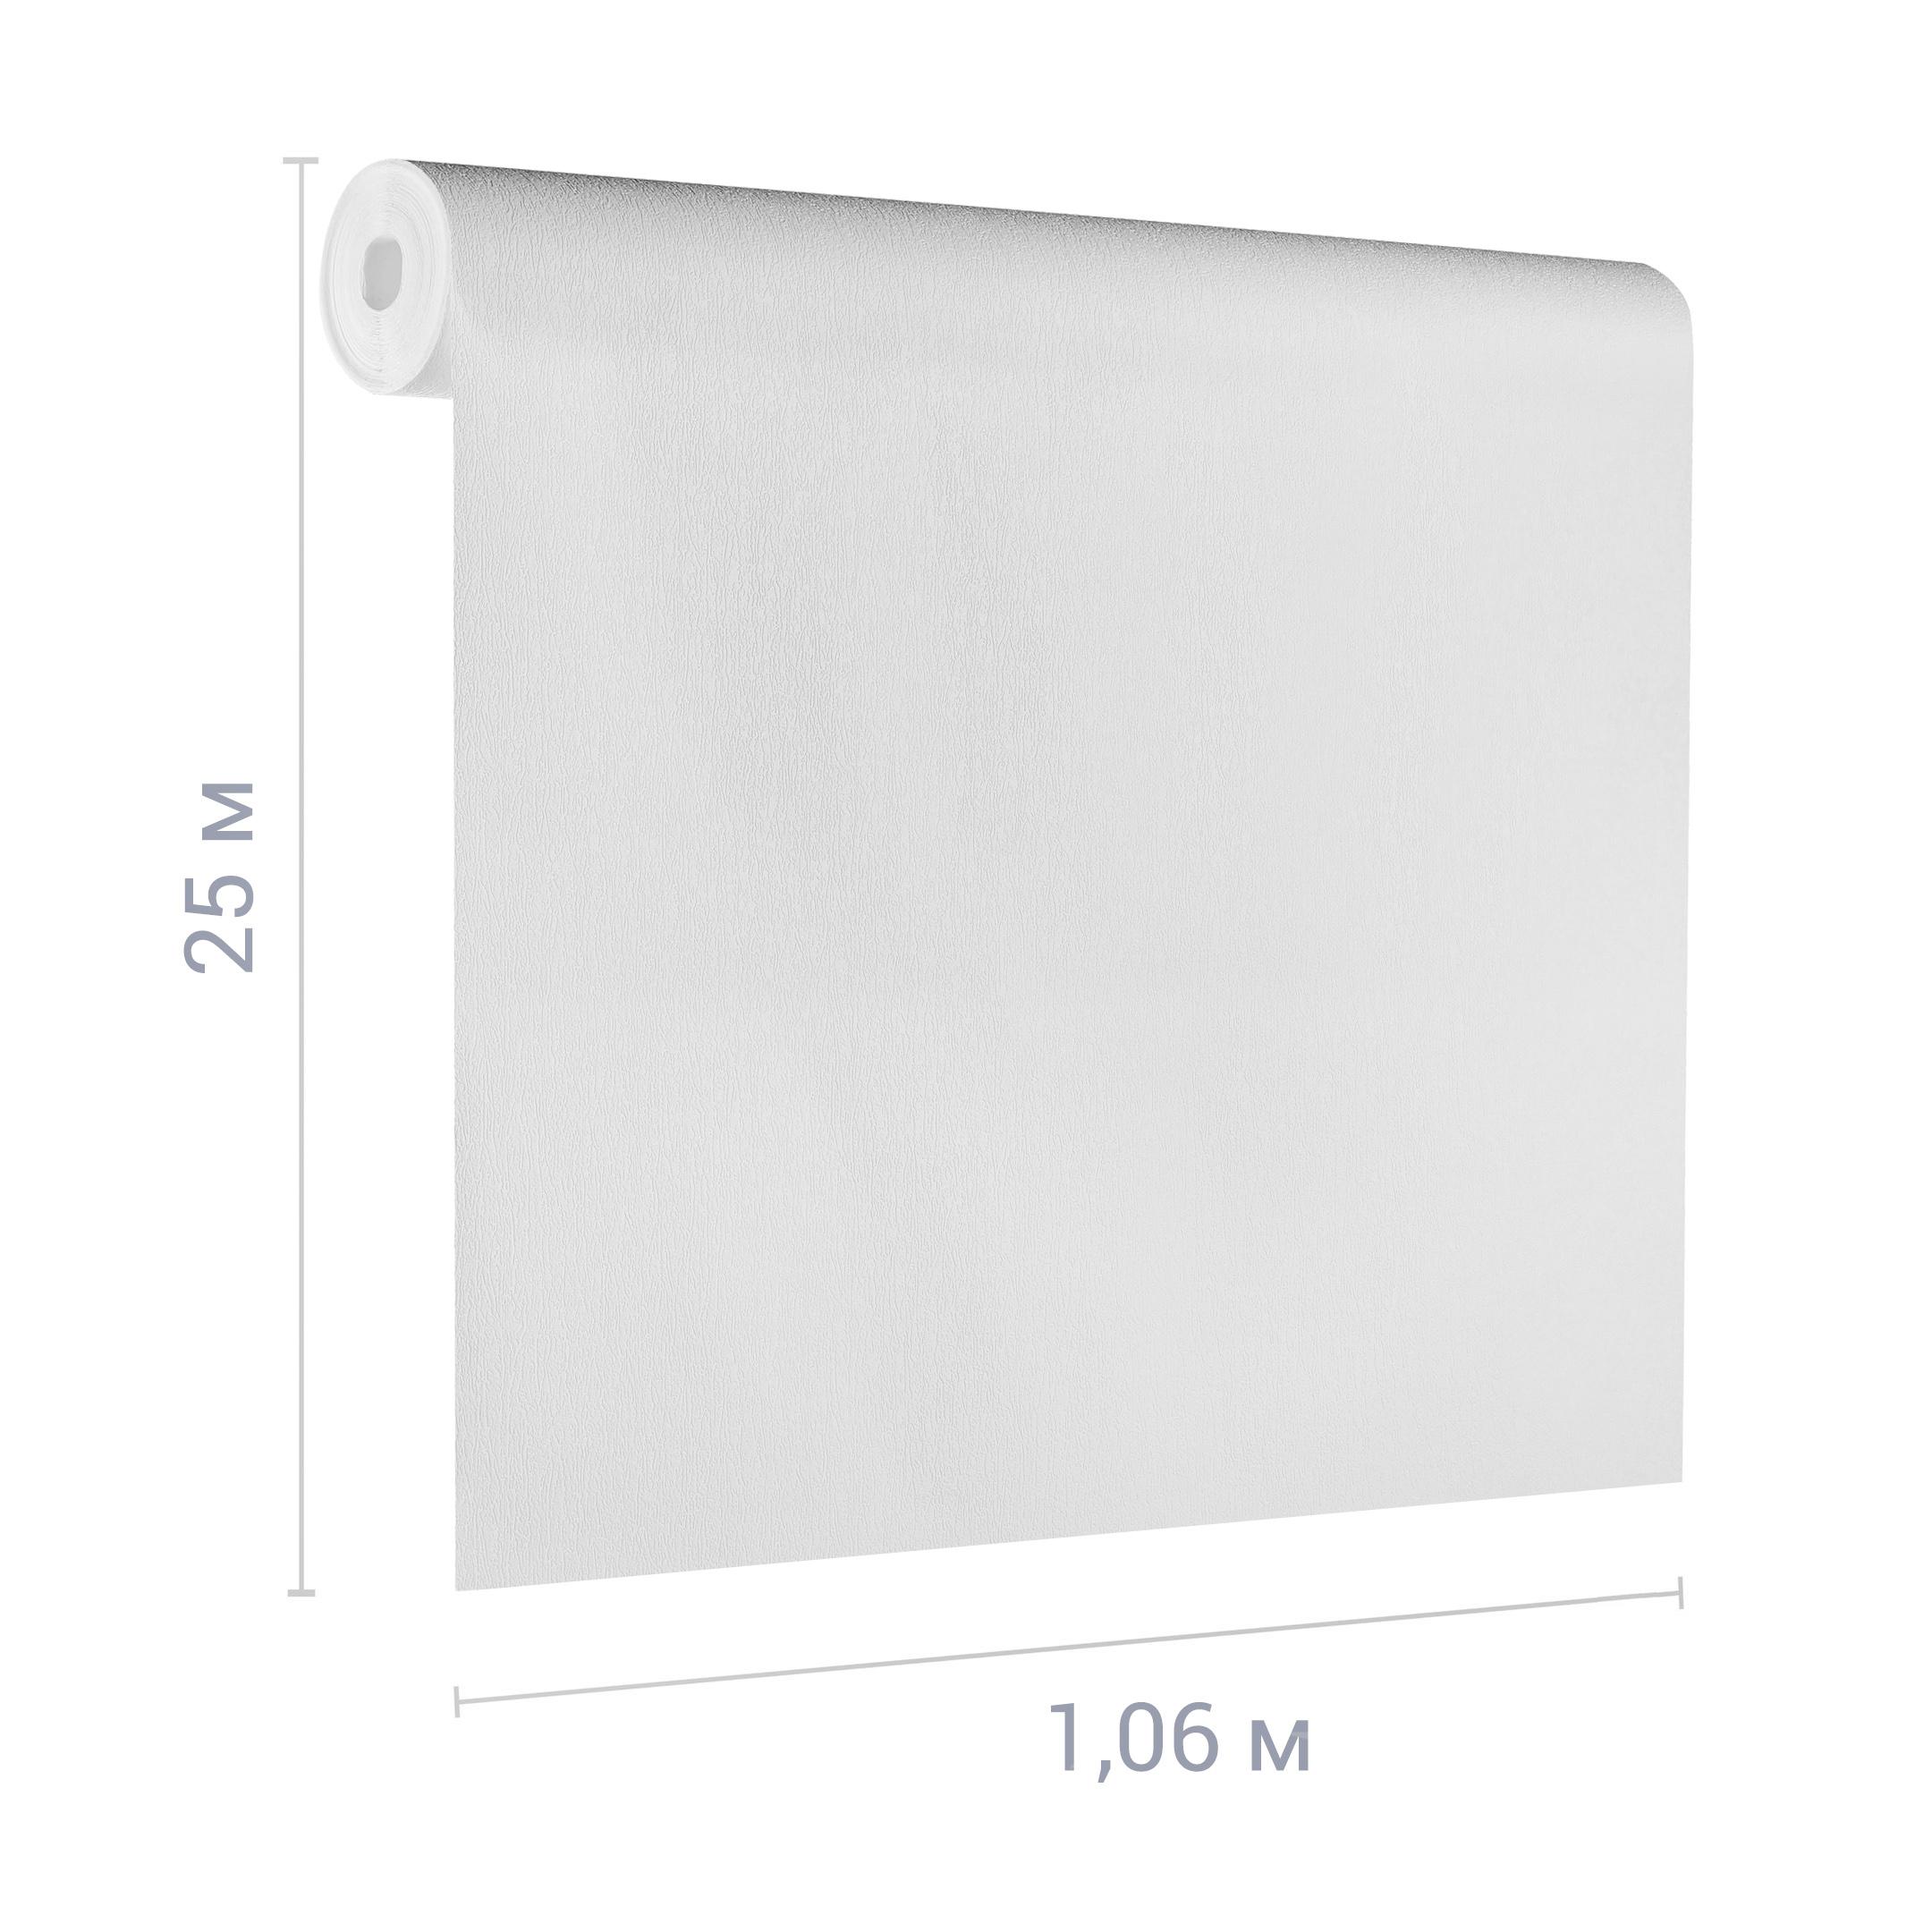 Обои под покраску виниловые на флизелиновой основе фактурные Ateliero 2521 (106х25 м) плотность 110 г/кв.м.